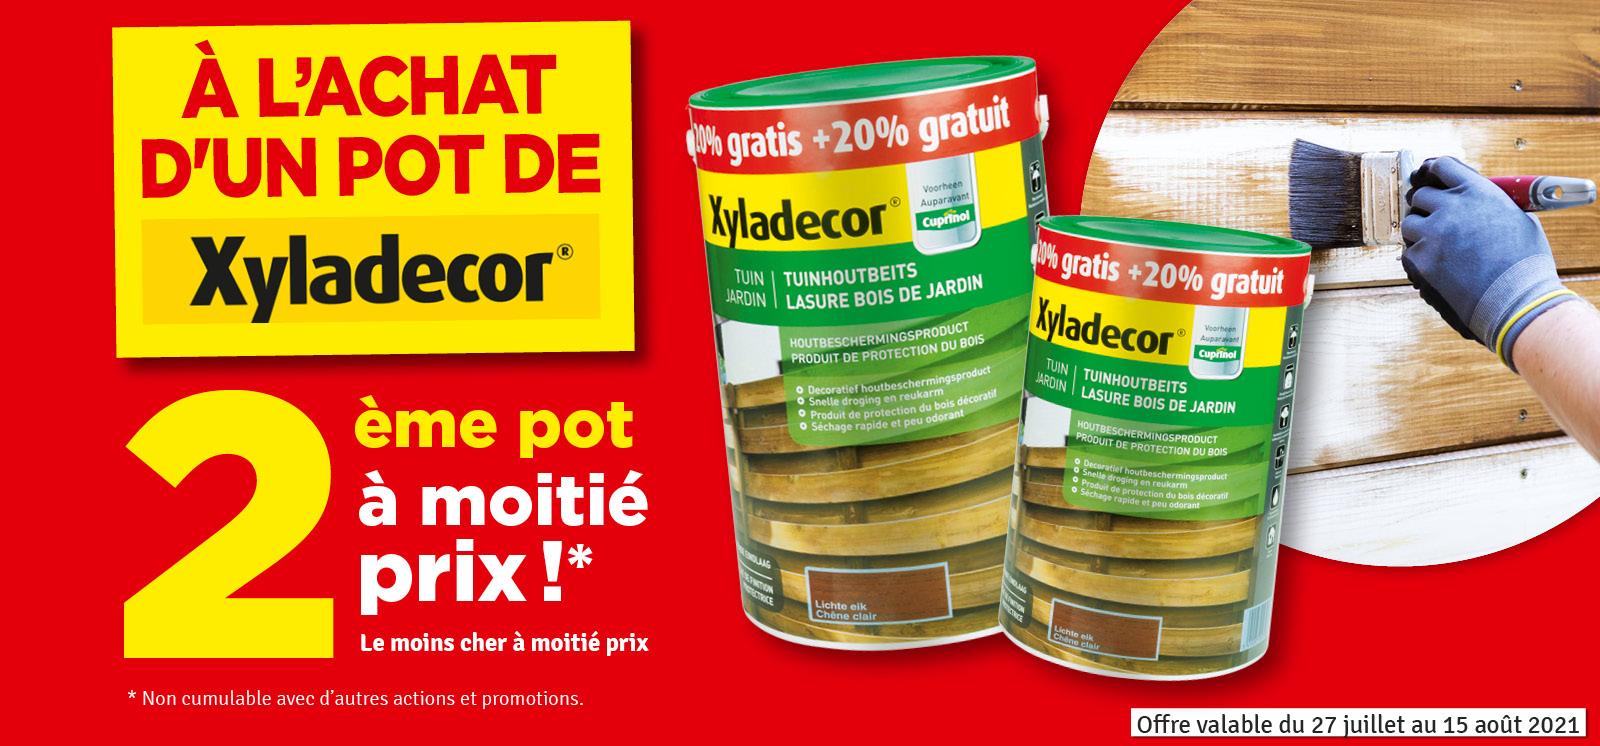 Promo - Xyladecor deuxième pot à moitié prix